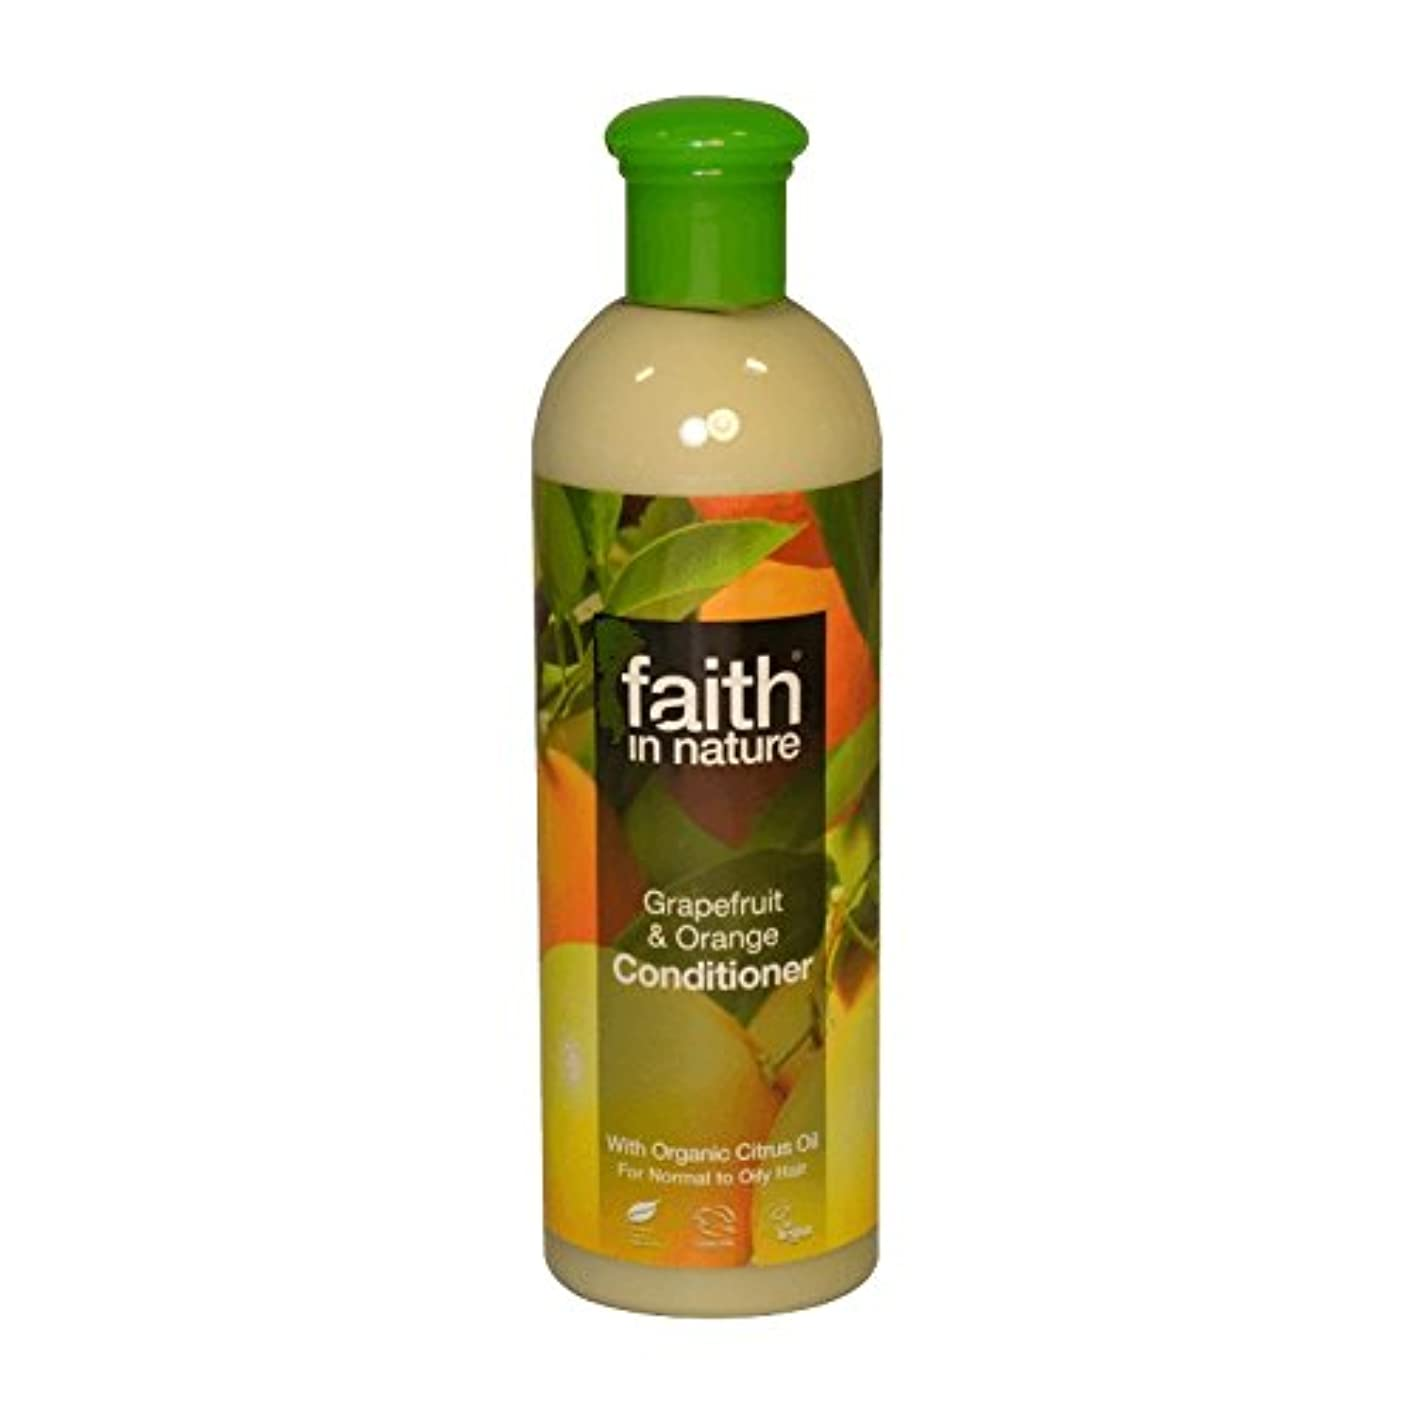 華氏クリエイティブ時折Faith in Nature Grapefruit & Orange Conditioner 400ml (Pack of 2) - 自然グレープフルーツ&オレンジコンディショナー400ミリリットルの信仰 (x2) [...